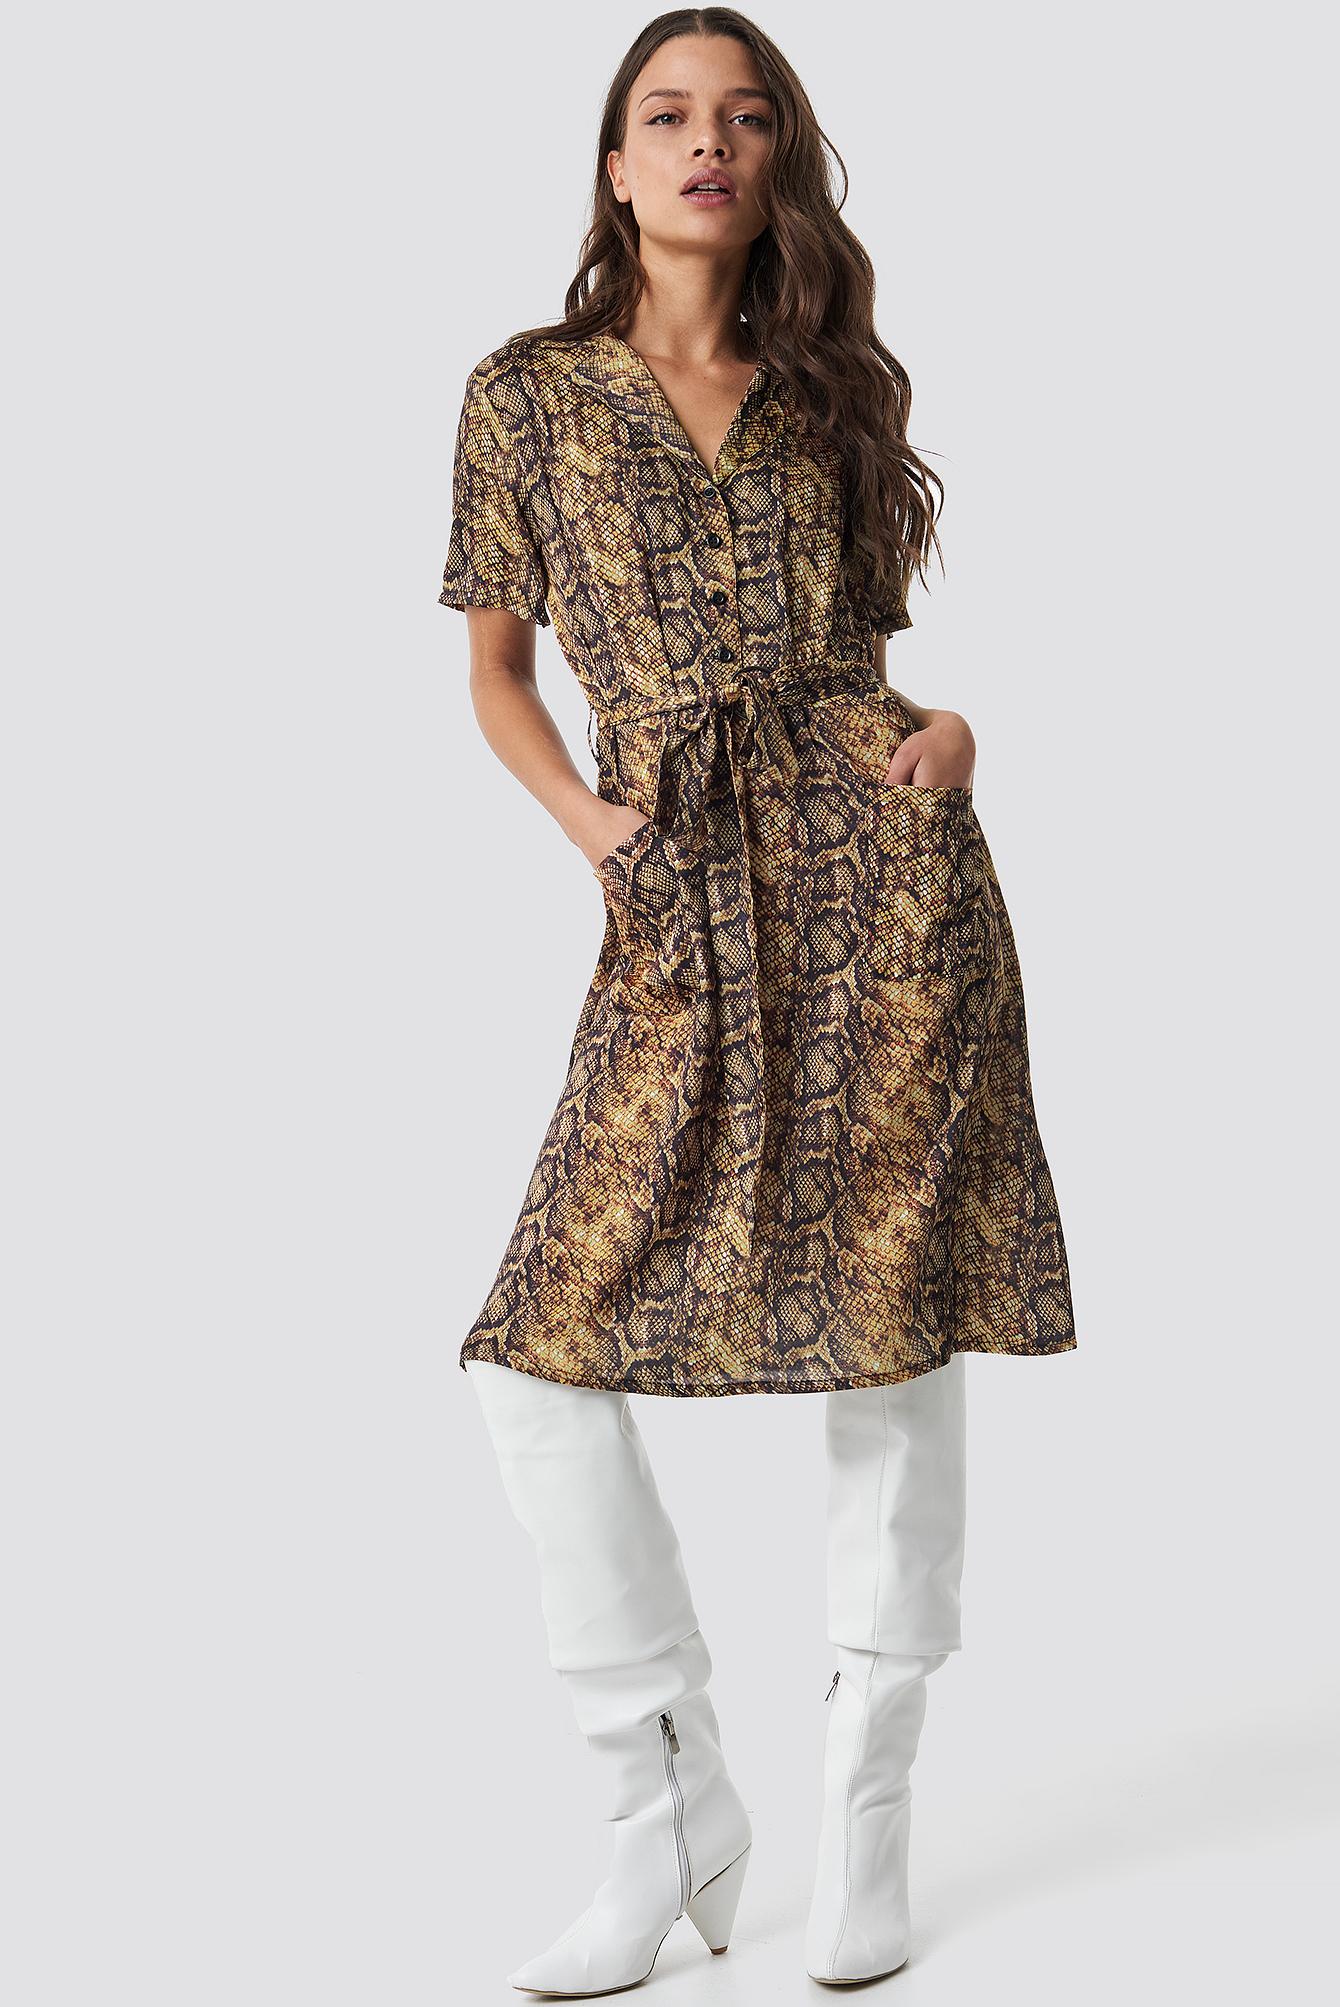 na-kd trend -  Snake Print Belt Satin Dress - Beige,Multicolor